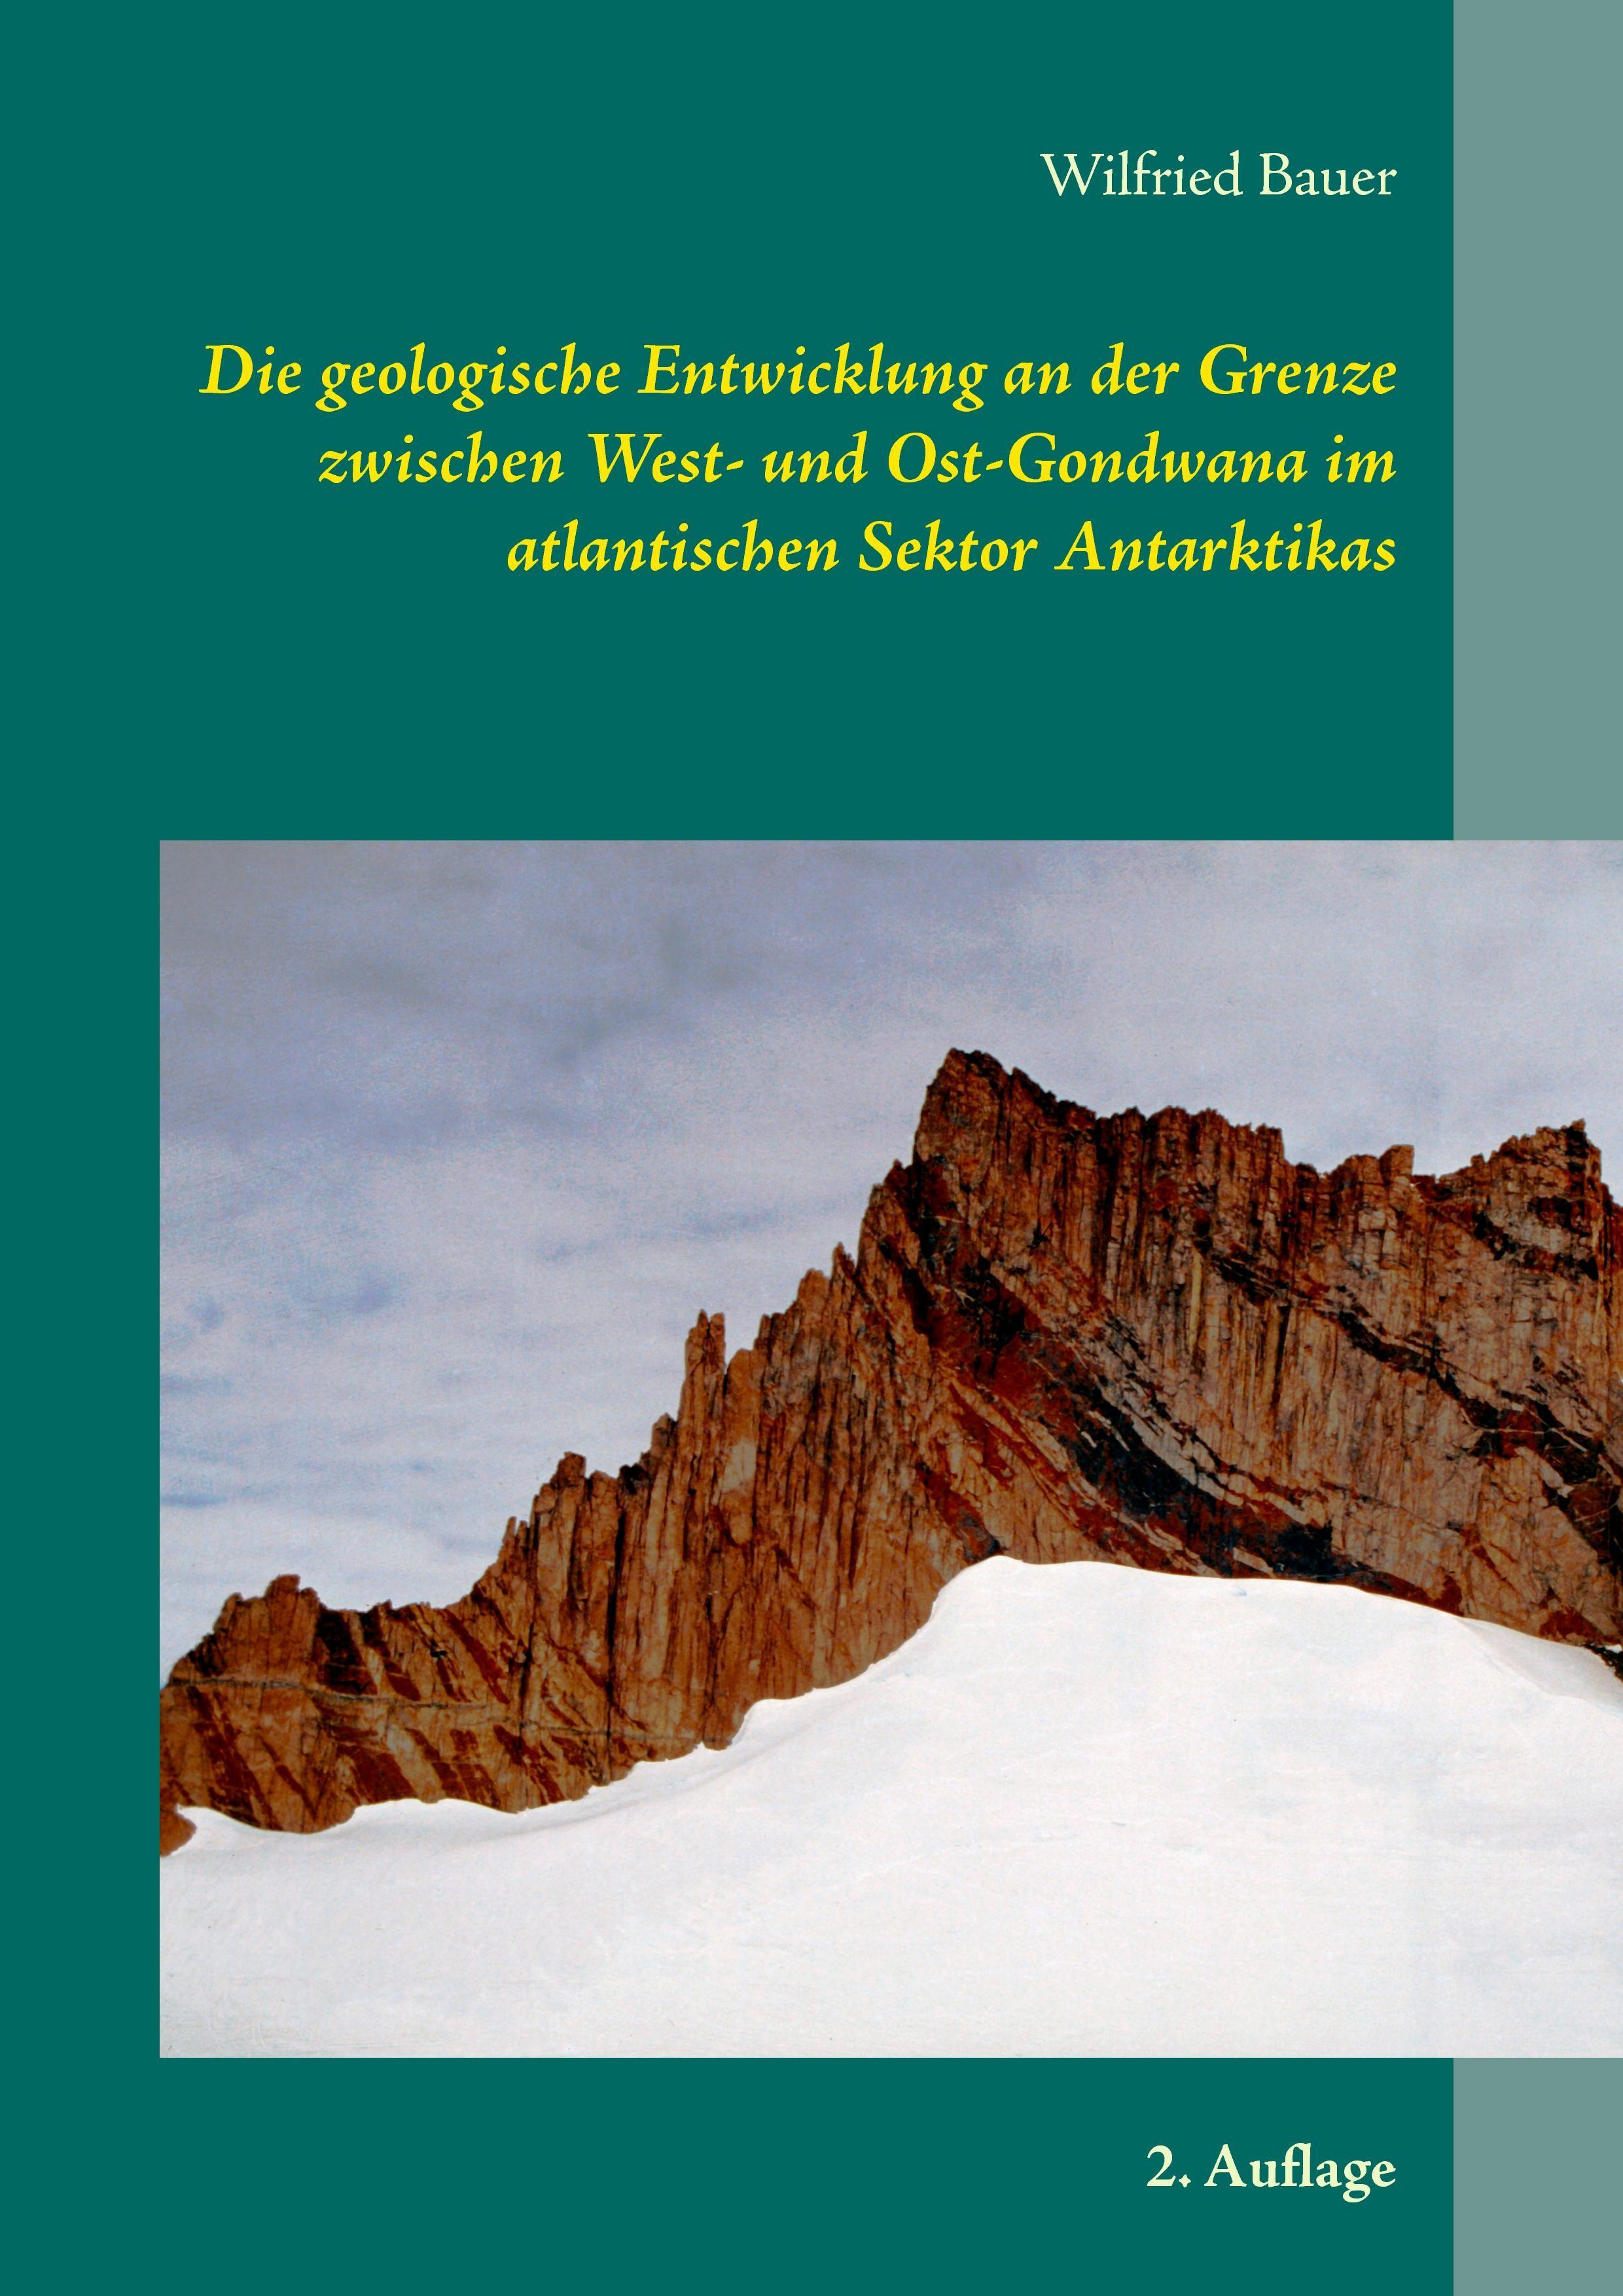 Die geologische Entwicklung an der Grenze zwischen West- und Ost